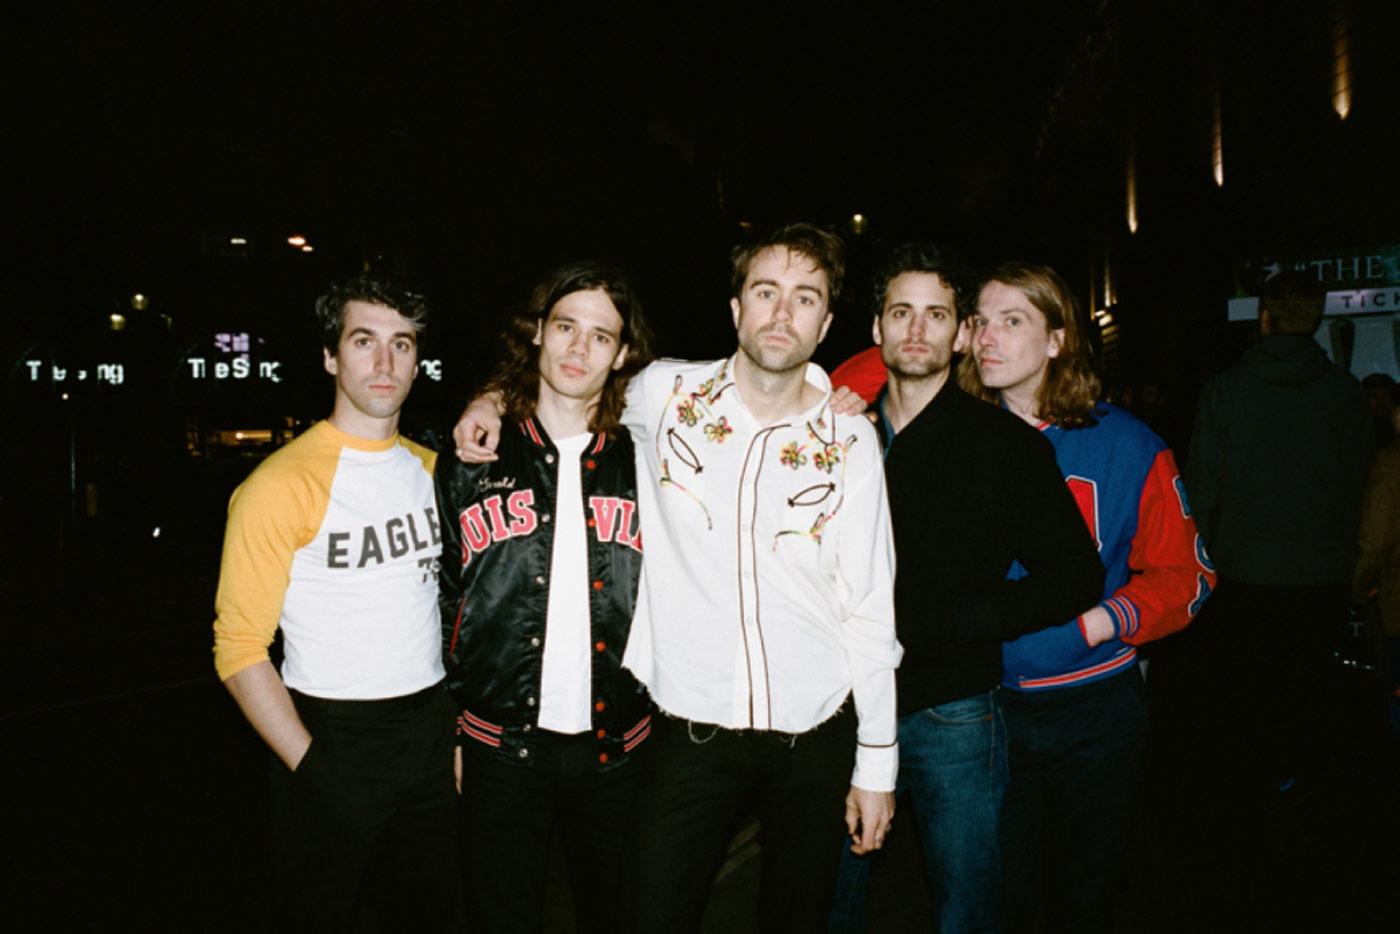 Low Festival anuncia once nuevas confirmaciones